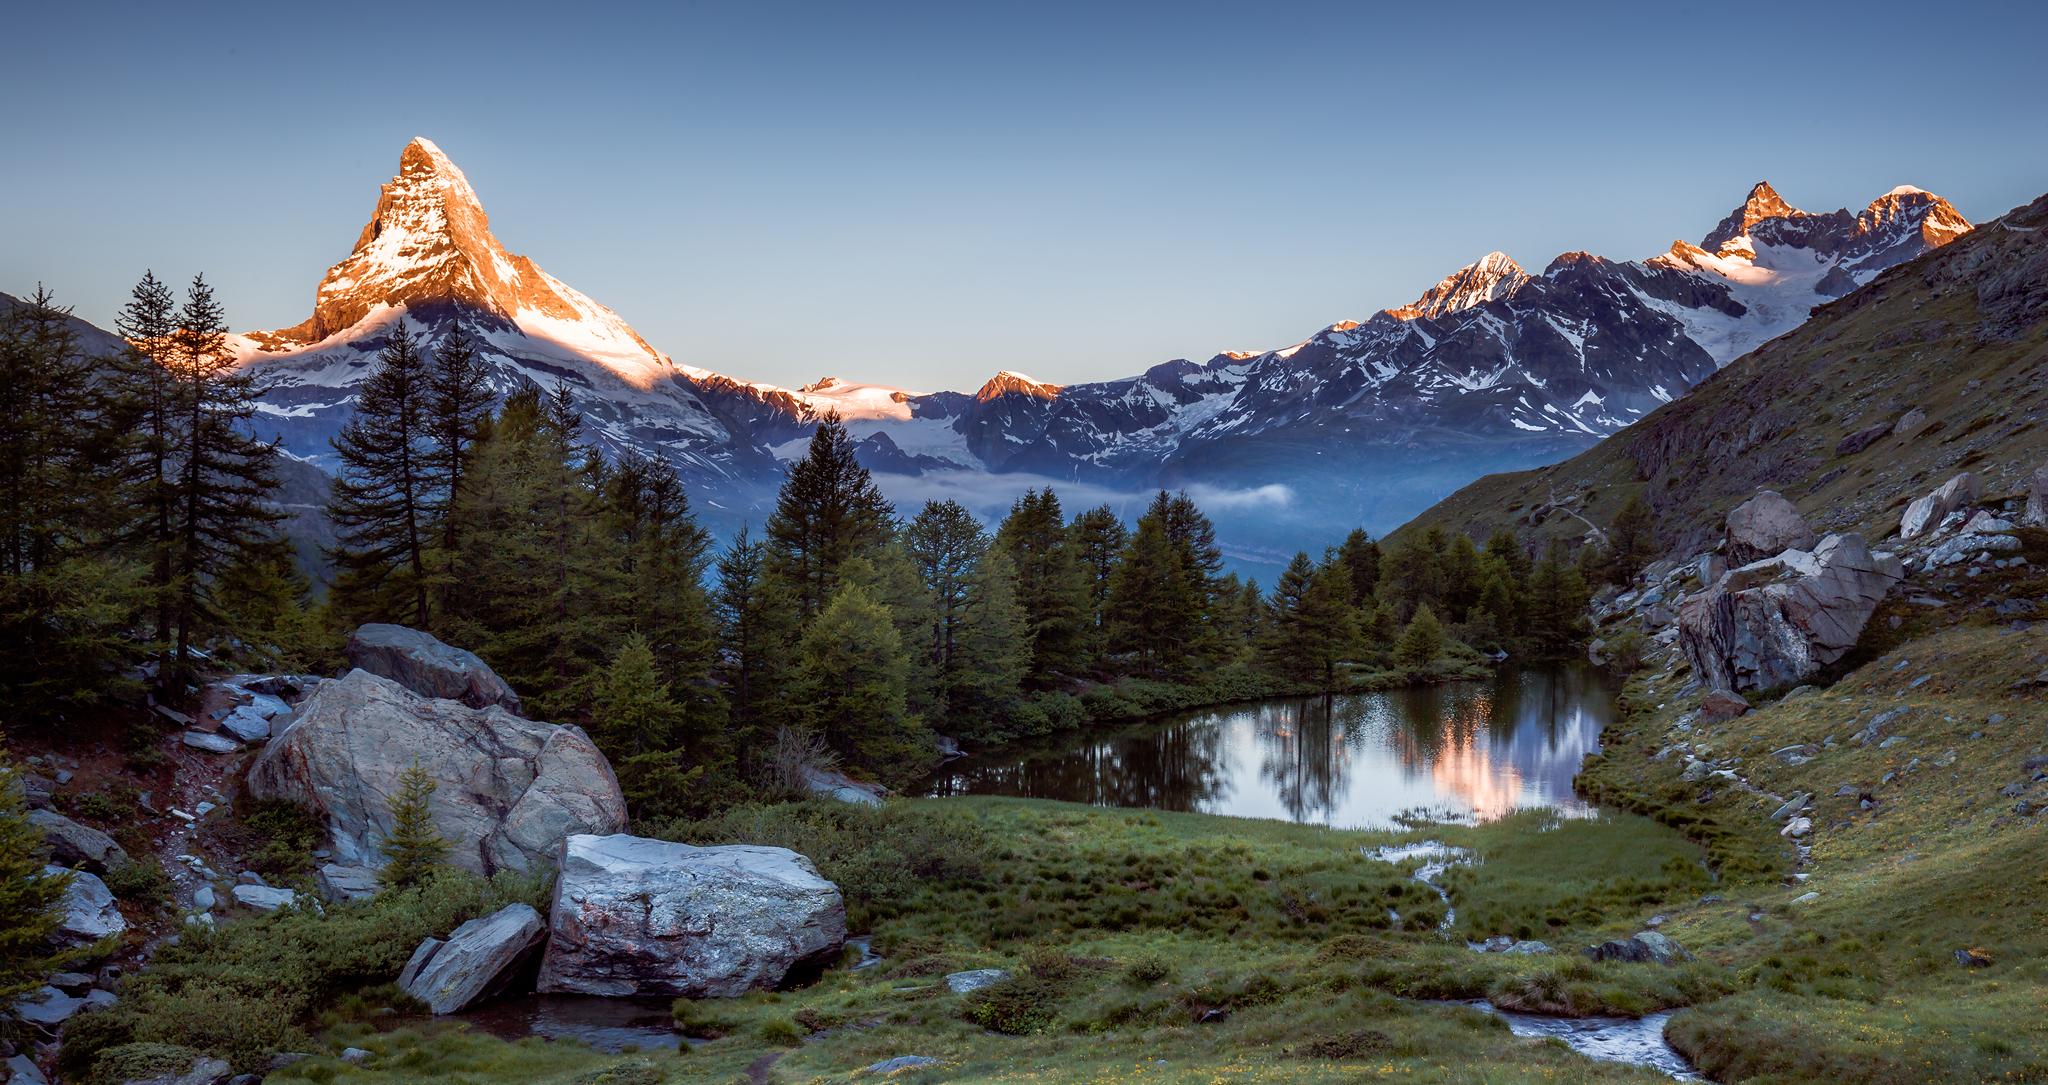 Wallpaper Wwwchrisdengerde Schweiz Zermatt Grindjisee